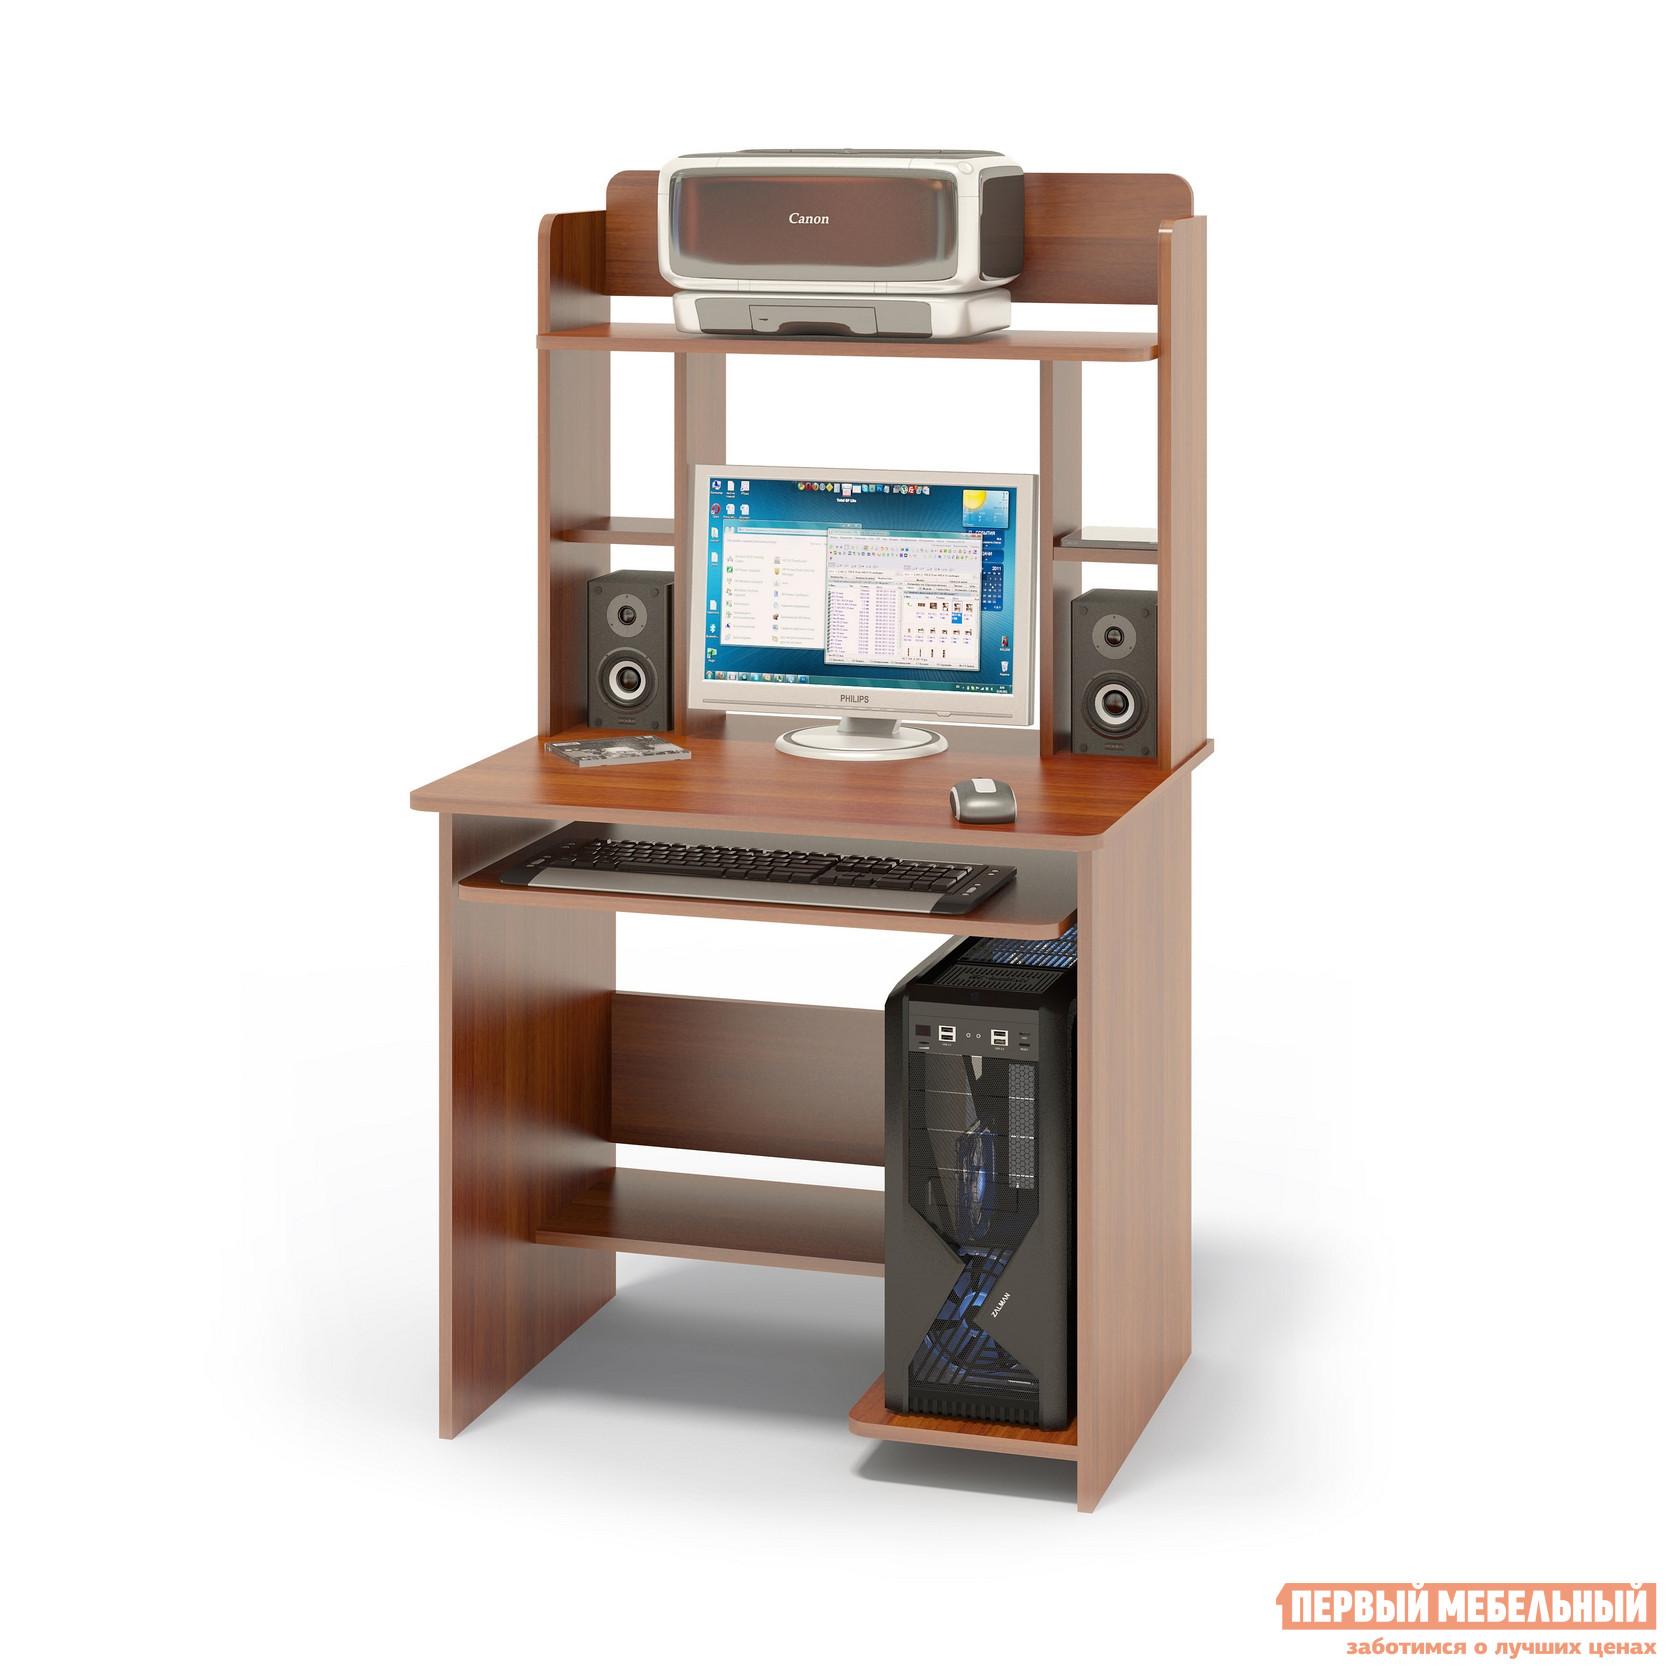 """Компьютерный стол Сокол КСТ-01.1+КН-12 Испанский орехКомпьютерные столы<br>Габаритные размеры ВхШхГ 1420x800x600 мм. Компактный  компьютерный стол  с надстройкой, выкатной полочкой для клавиатуры, позволяющей использовать поверхность стола для работы, полками для системного блока и принтера.   Стол позволит в небольшом пространстве организовать удобное место для работы. Размеры стола — 740 х 800 х 600 ммРазмер полки под клавиатуру — 650 х 356 мм. Размеры верхней полочки в надстройке — 758 х 252 мм. Проем под монитор — 476 х 456 мм (под монитор 20""""). Изготовлен из высококачественного ламинированного ДСП российского производства толщиной  16 мм, столешница имеет скругленные края и отделана противоударным кантом ПВХ. Изделие поставляется в разобранном виде.  Хорошо упаковано вгофротару вместе с необходимой фурнитурой для сборки и подробной инструкцией.  Рекомендуем сохранить инструкцию по сборке (паспорт изделия) до истечения гарантийного срока.<br><br>Цвет: Красное дерево<br>Высота мм: 1420<br>Ширина мм: 800<br>Глубина мм: 600<br>Кол-во упаковок: 2<br>Форма поставки: В разобранном виде<br>Срок гарантии: 2 года<br>Тип: Прямые<br>Материал: Дерево<br>Материал: ЛДСП<br>Размер: Маленькие<br>Размер: Ширина 80 см<br>С надстройкой: Да<br>С полками: Да<br>Стиль: Современный<br>Стиль: Модерн"""